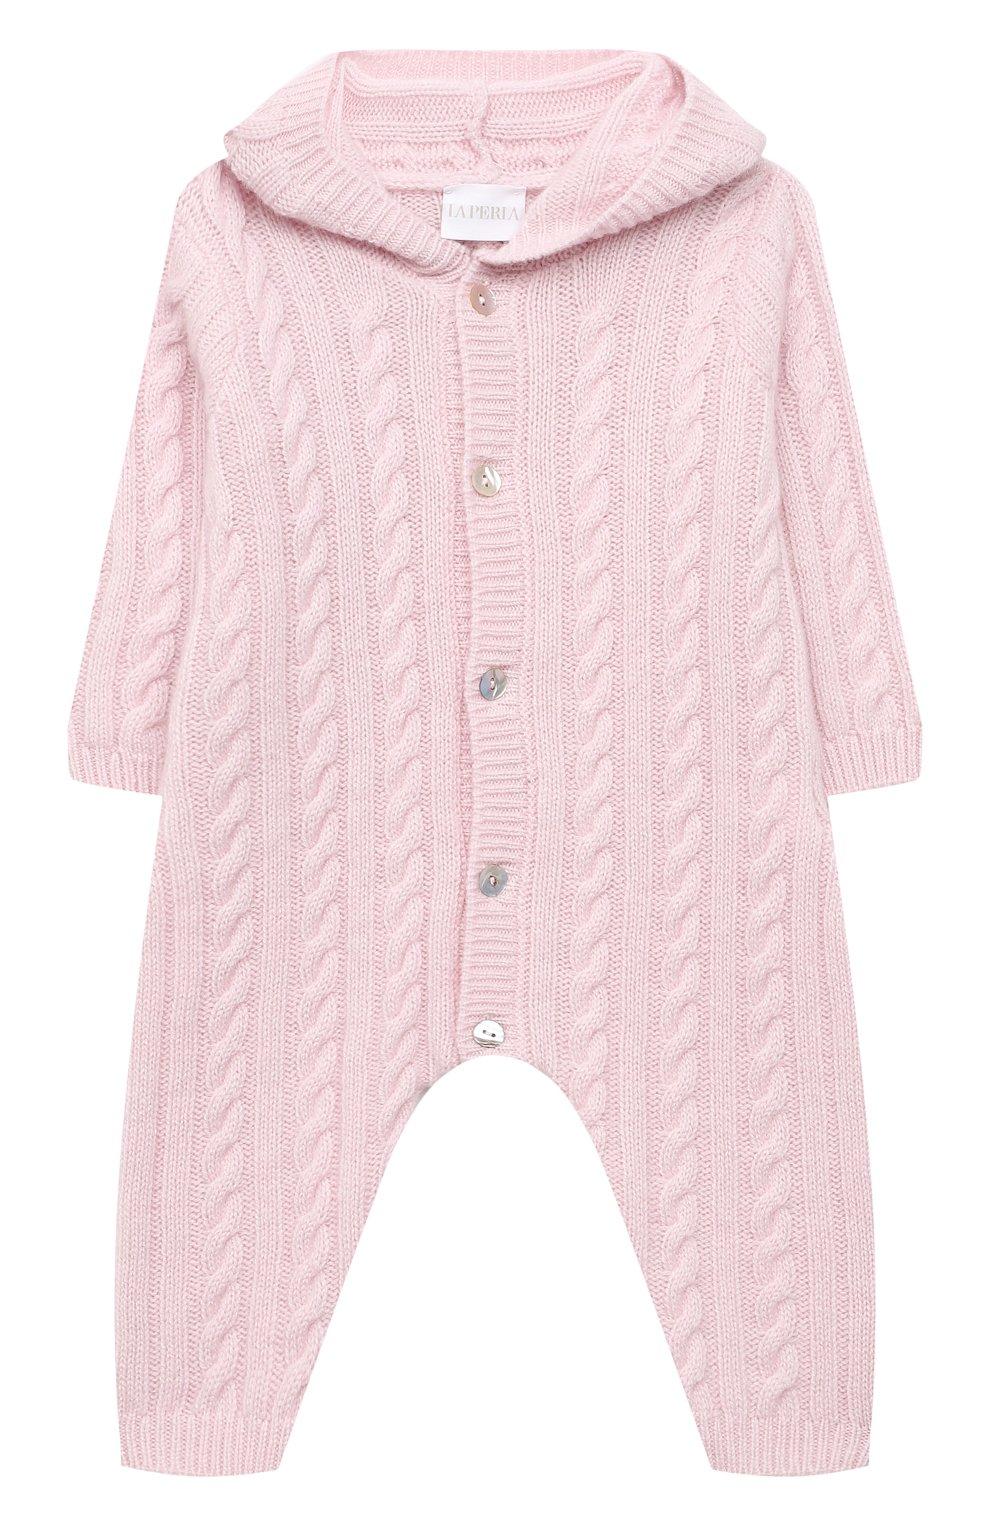 Детский кашемировый комбинезон с капюшоном LA PERLA розового цвета, арт. 59975/1M-12M | Фото 1